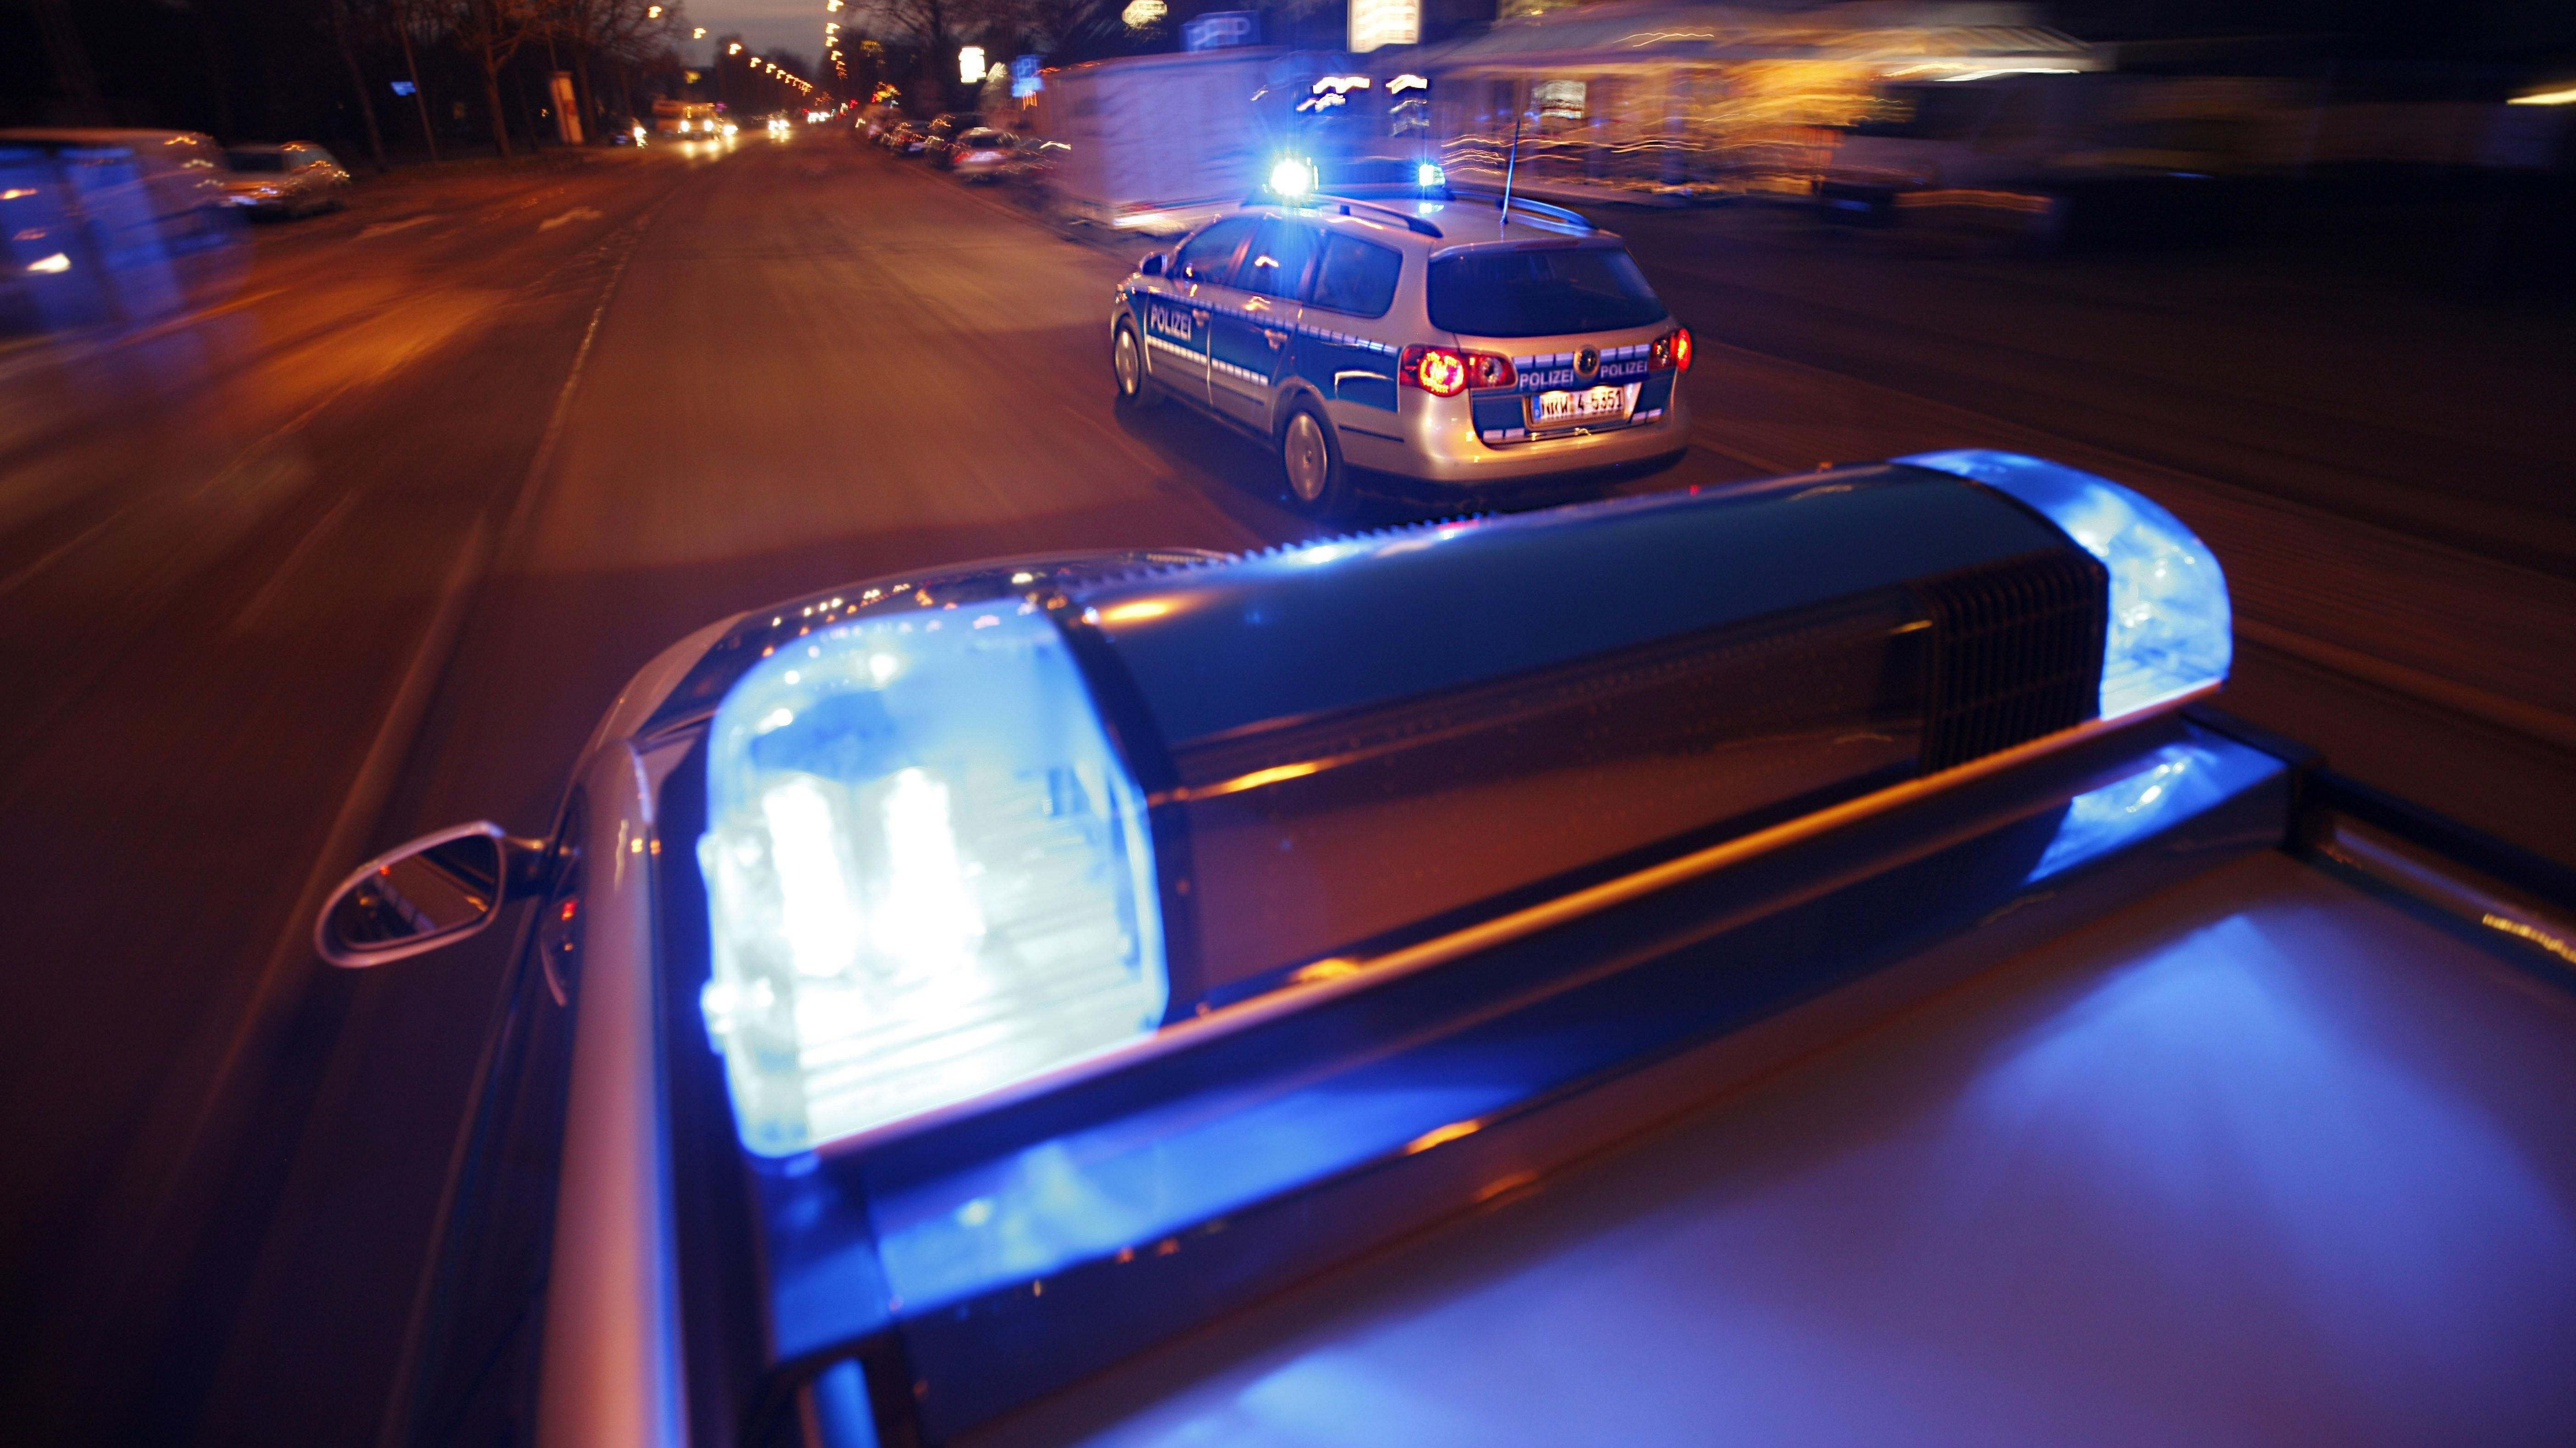 Polizeiautos fahren nachts mit Blaulicht durch eine Stadt